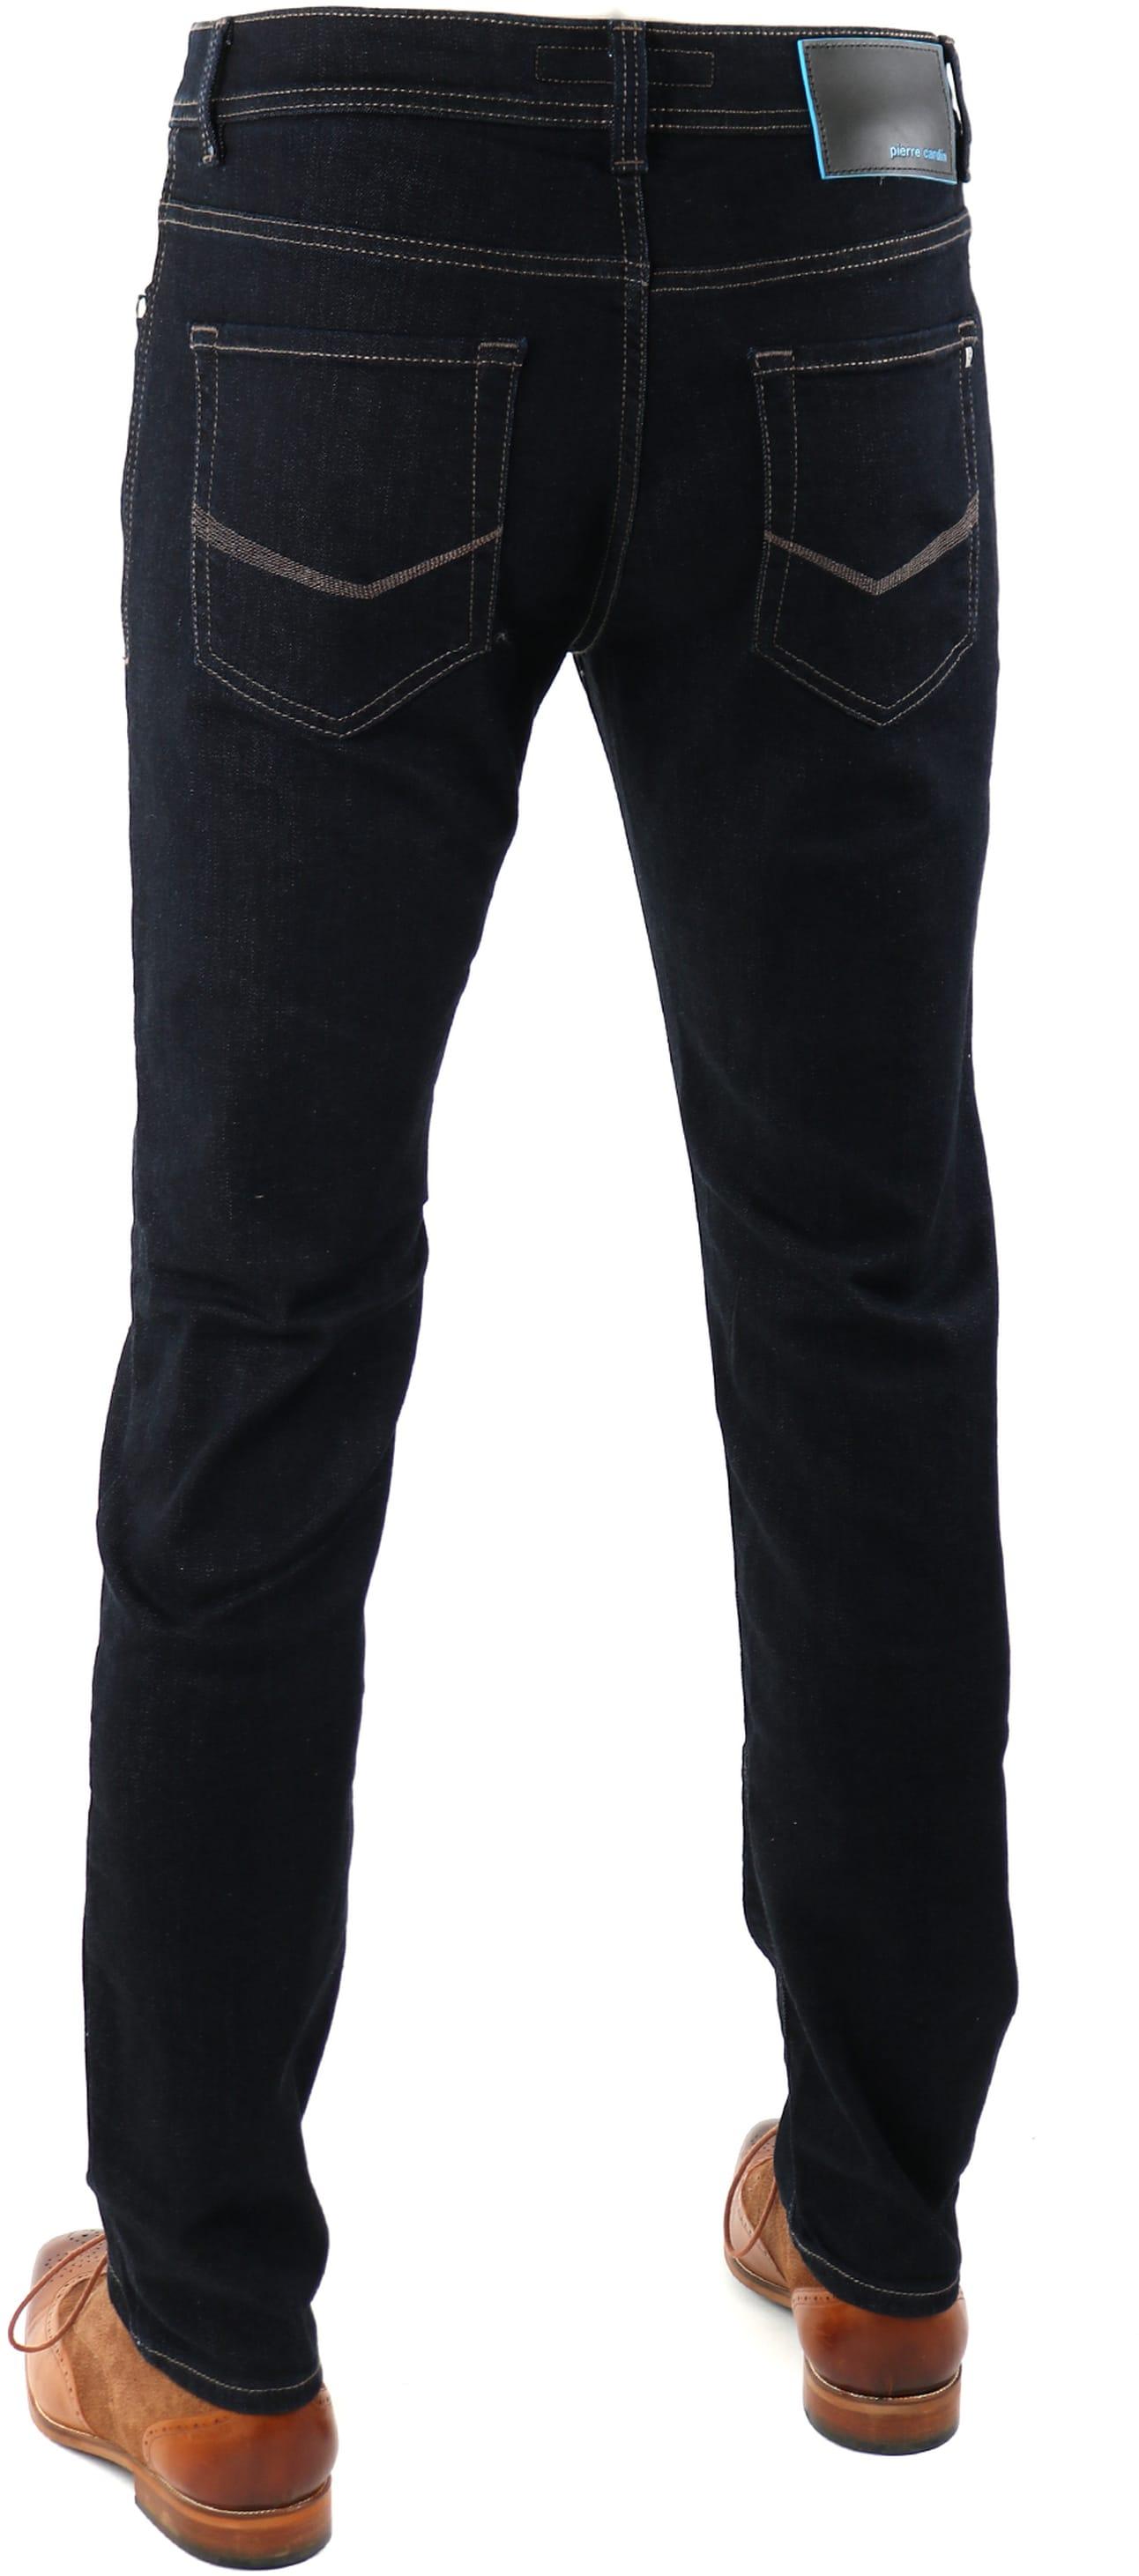 Pierre Cardin Lyon Jeans Future Flex 04 foto 1